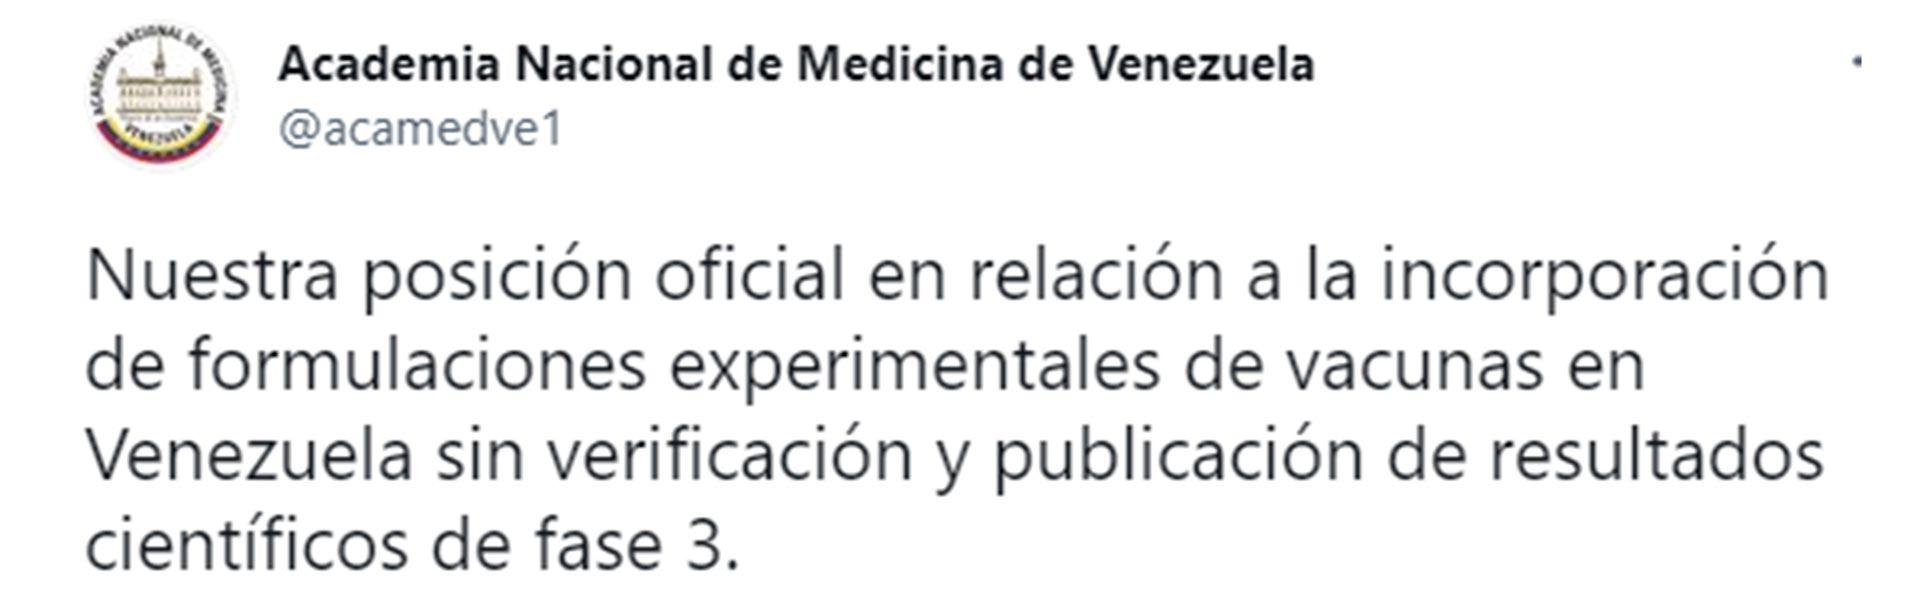 El tuit de la Academia Nacional de Medicina